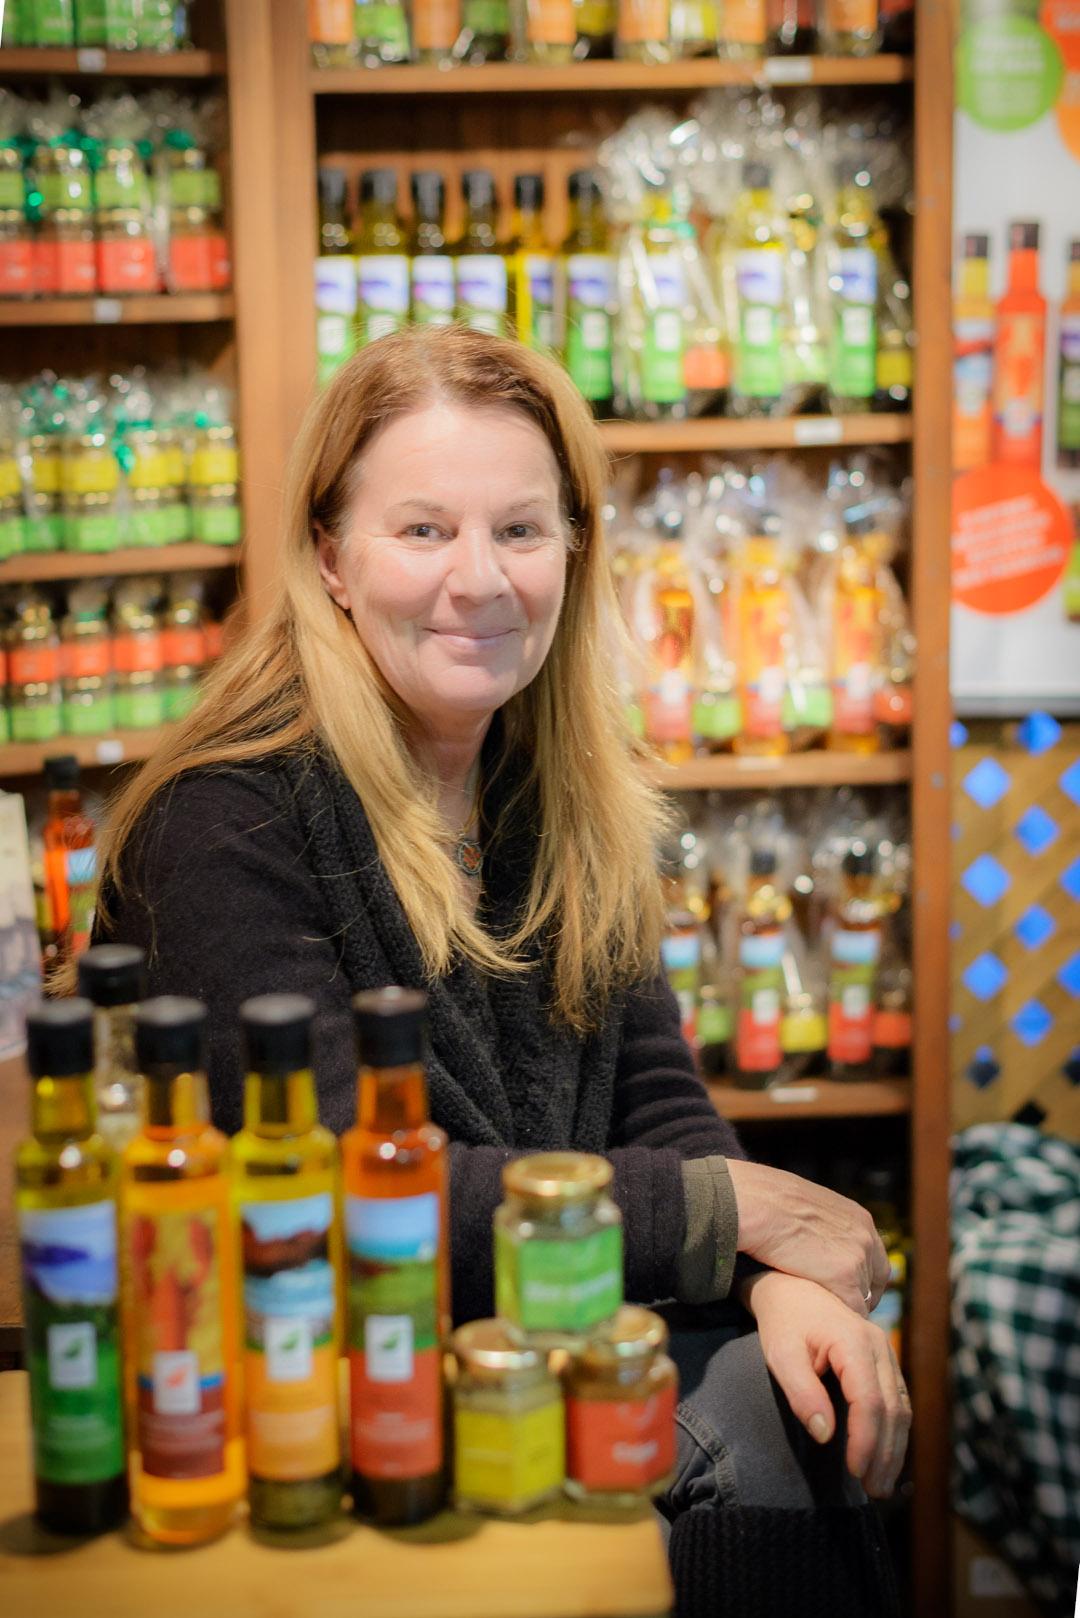 Une femme des plus convaincante et convaincue de la valeur de ses produits!